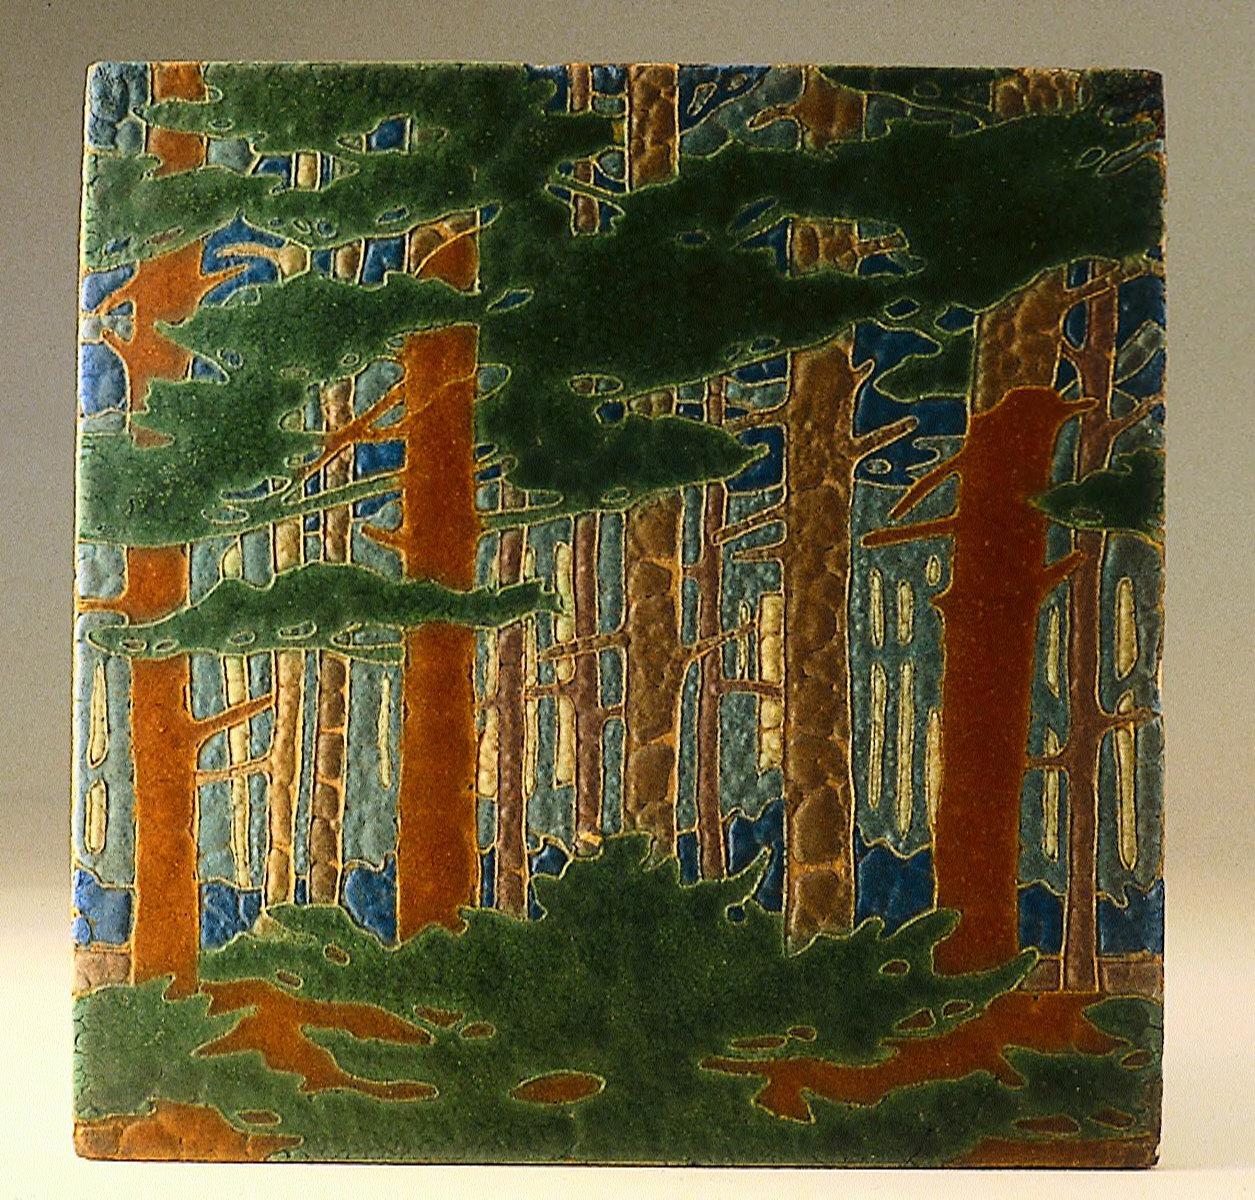 Tile (plaque depicting a forest)